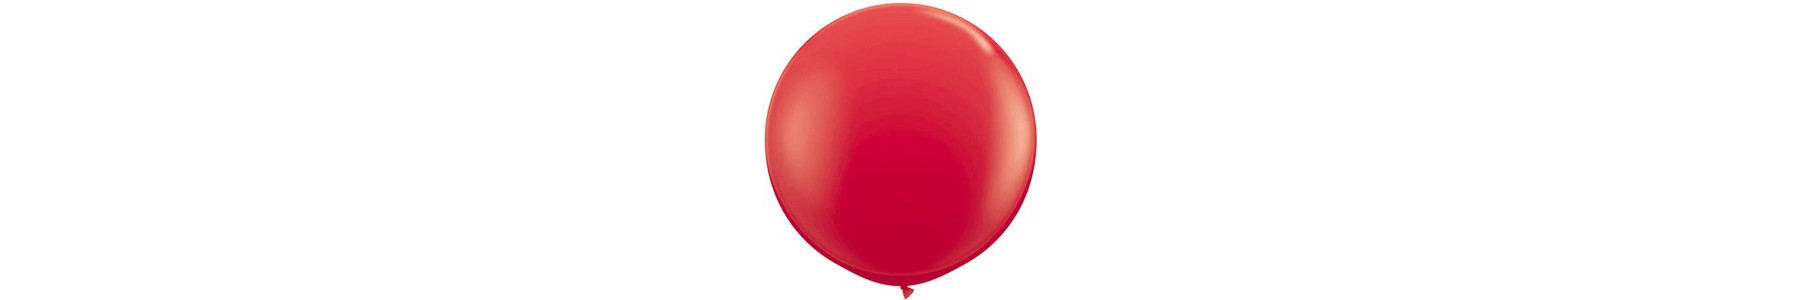 Baloane jumbo 110 cm